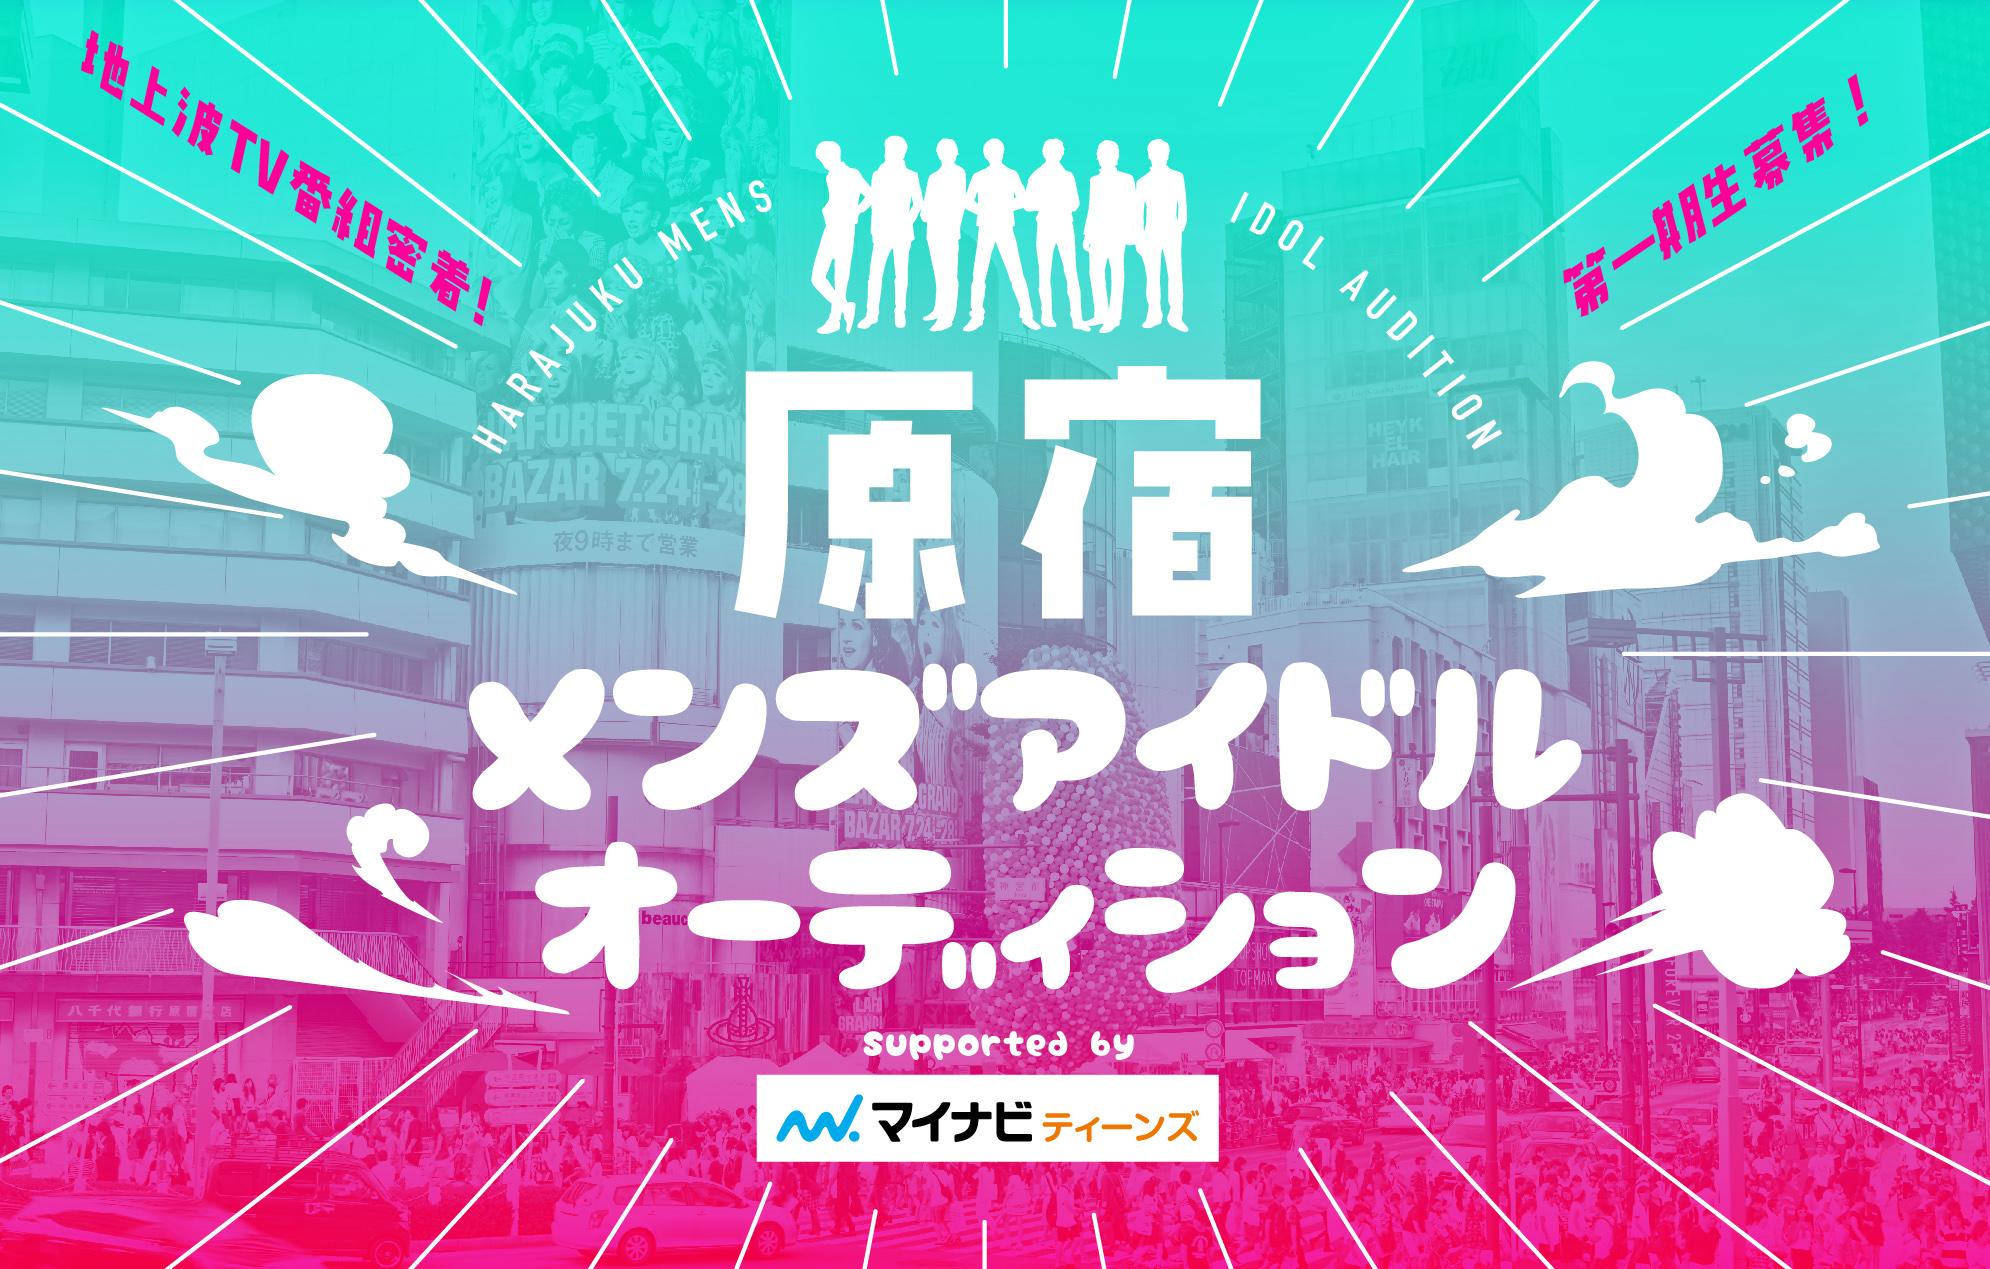 オーディション 原宿メンズアイドルオーディション オーディションから地上波ゴールデン番組に出演 主催:株式会社MATSURI、カテゴリ:メンズアイドル